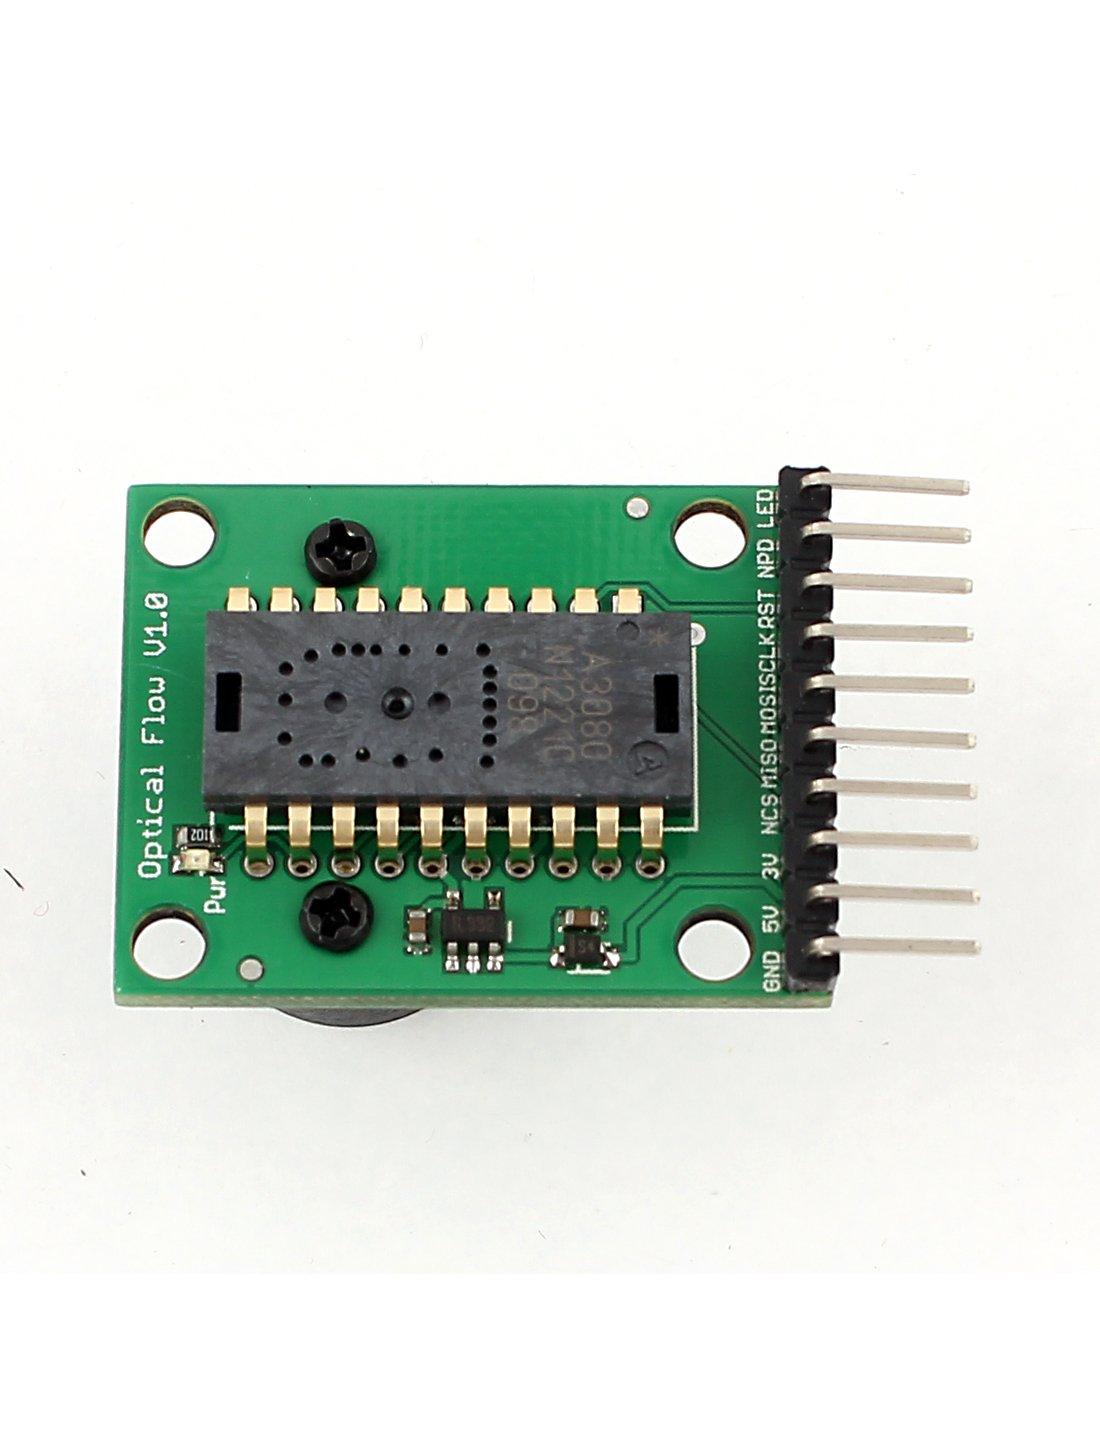 Óptico Sensor De Flujo APM2,5 Mejorar Posición Soporte Precisión Multicopter ADNS 3080: Amazon.es: Bricolaje y herramientas